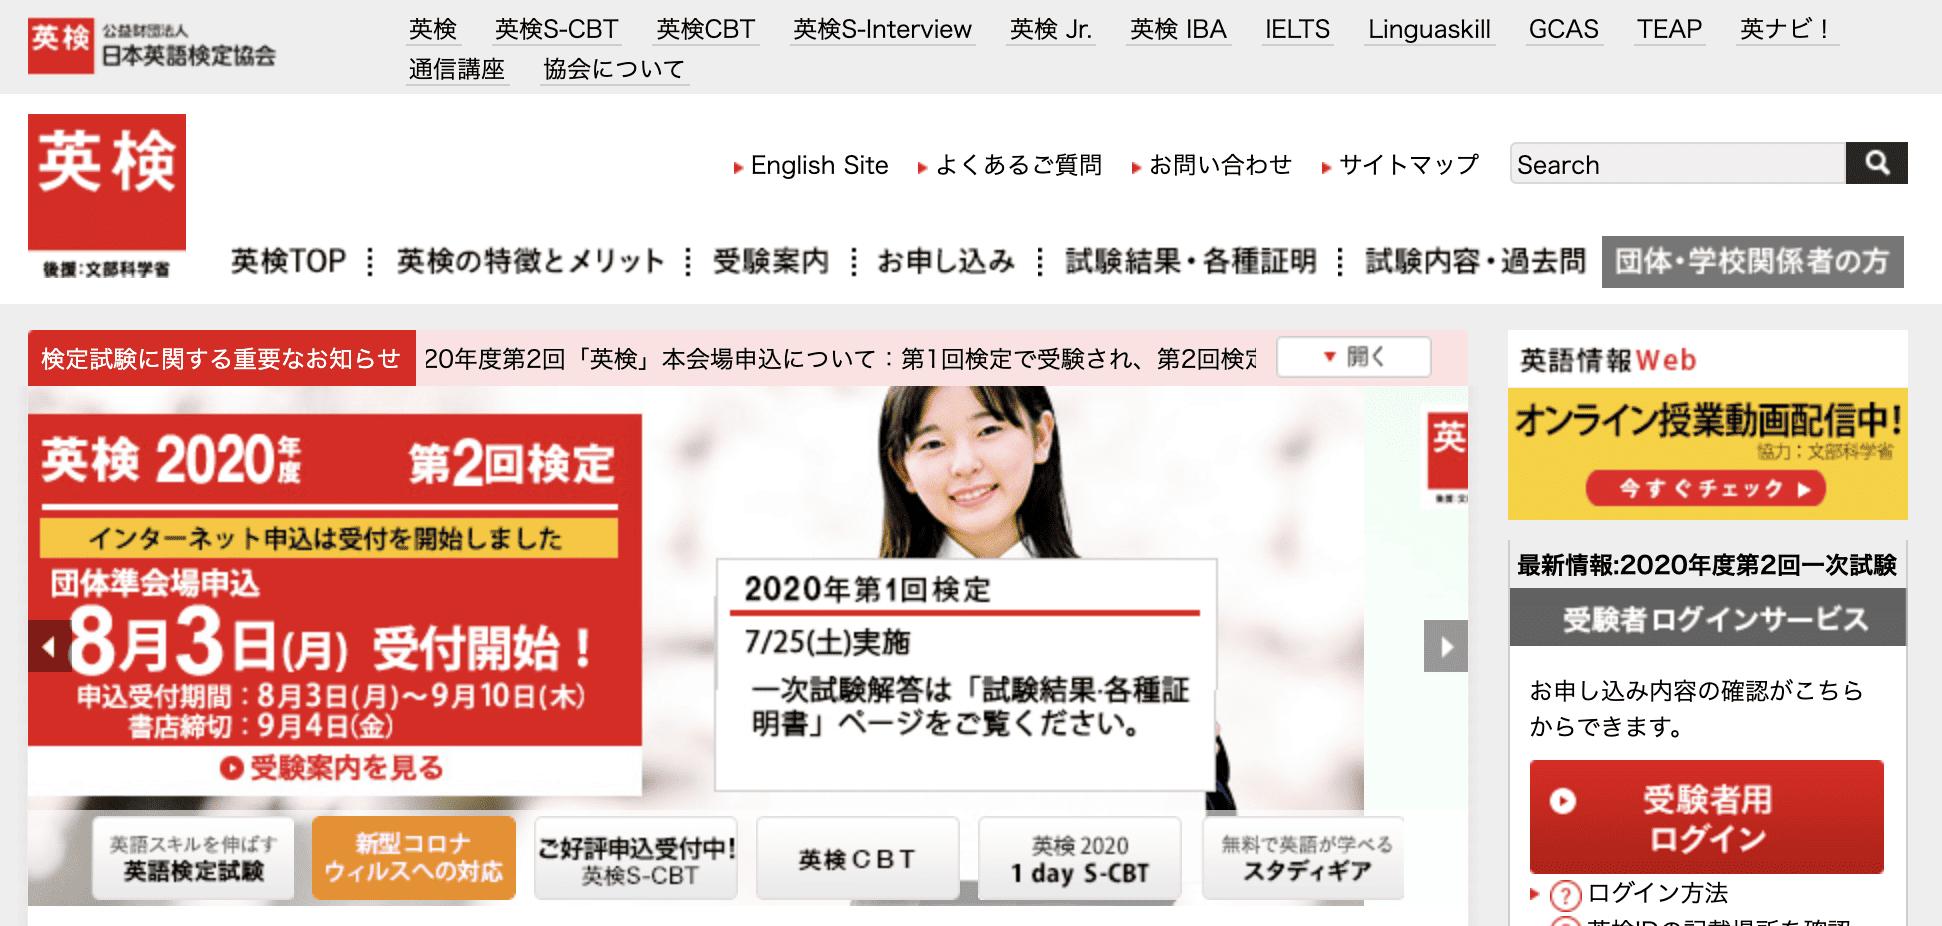 英検公式サイト